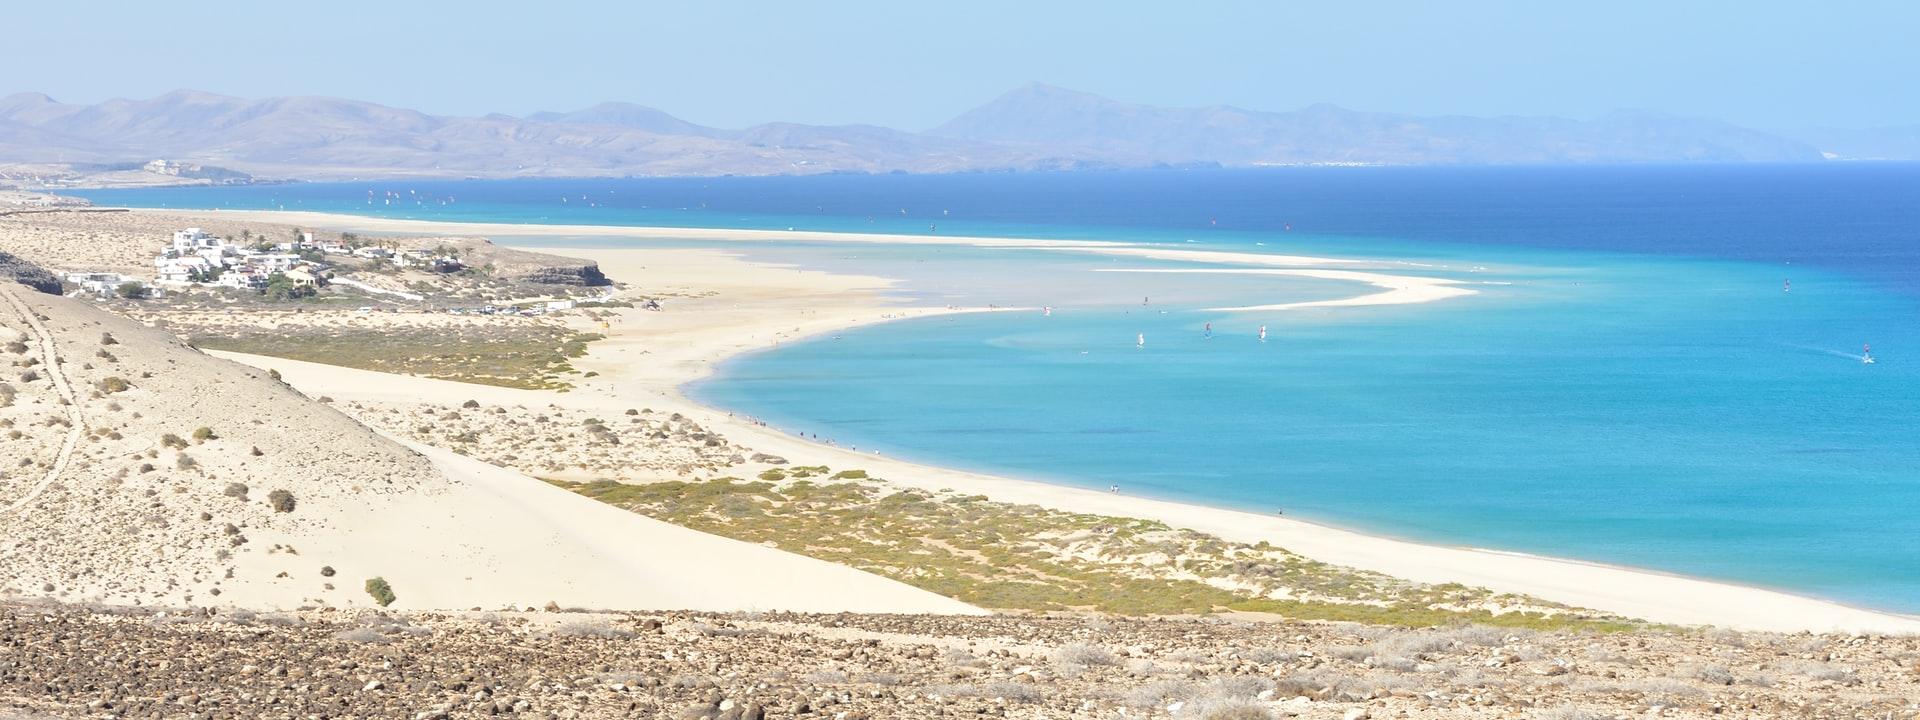 sotavento beach plage fuertaventura espagne